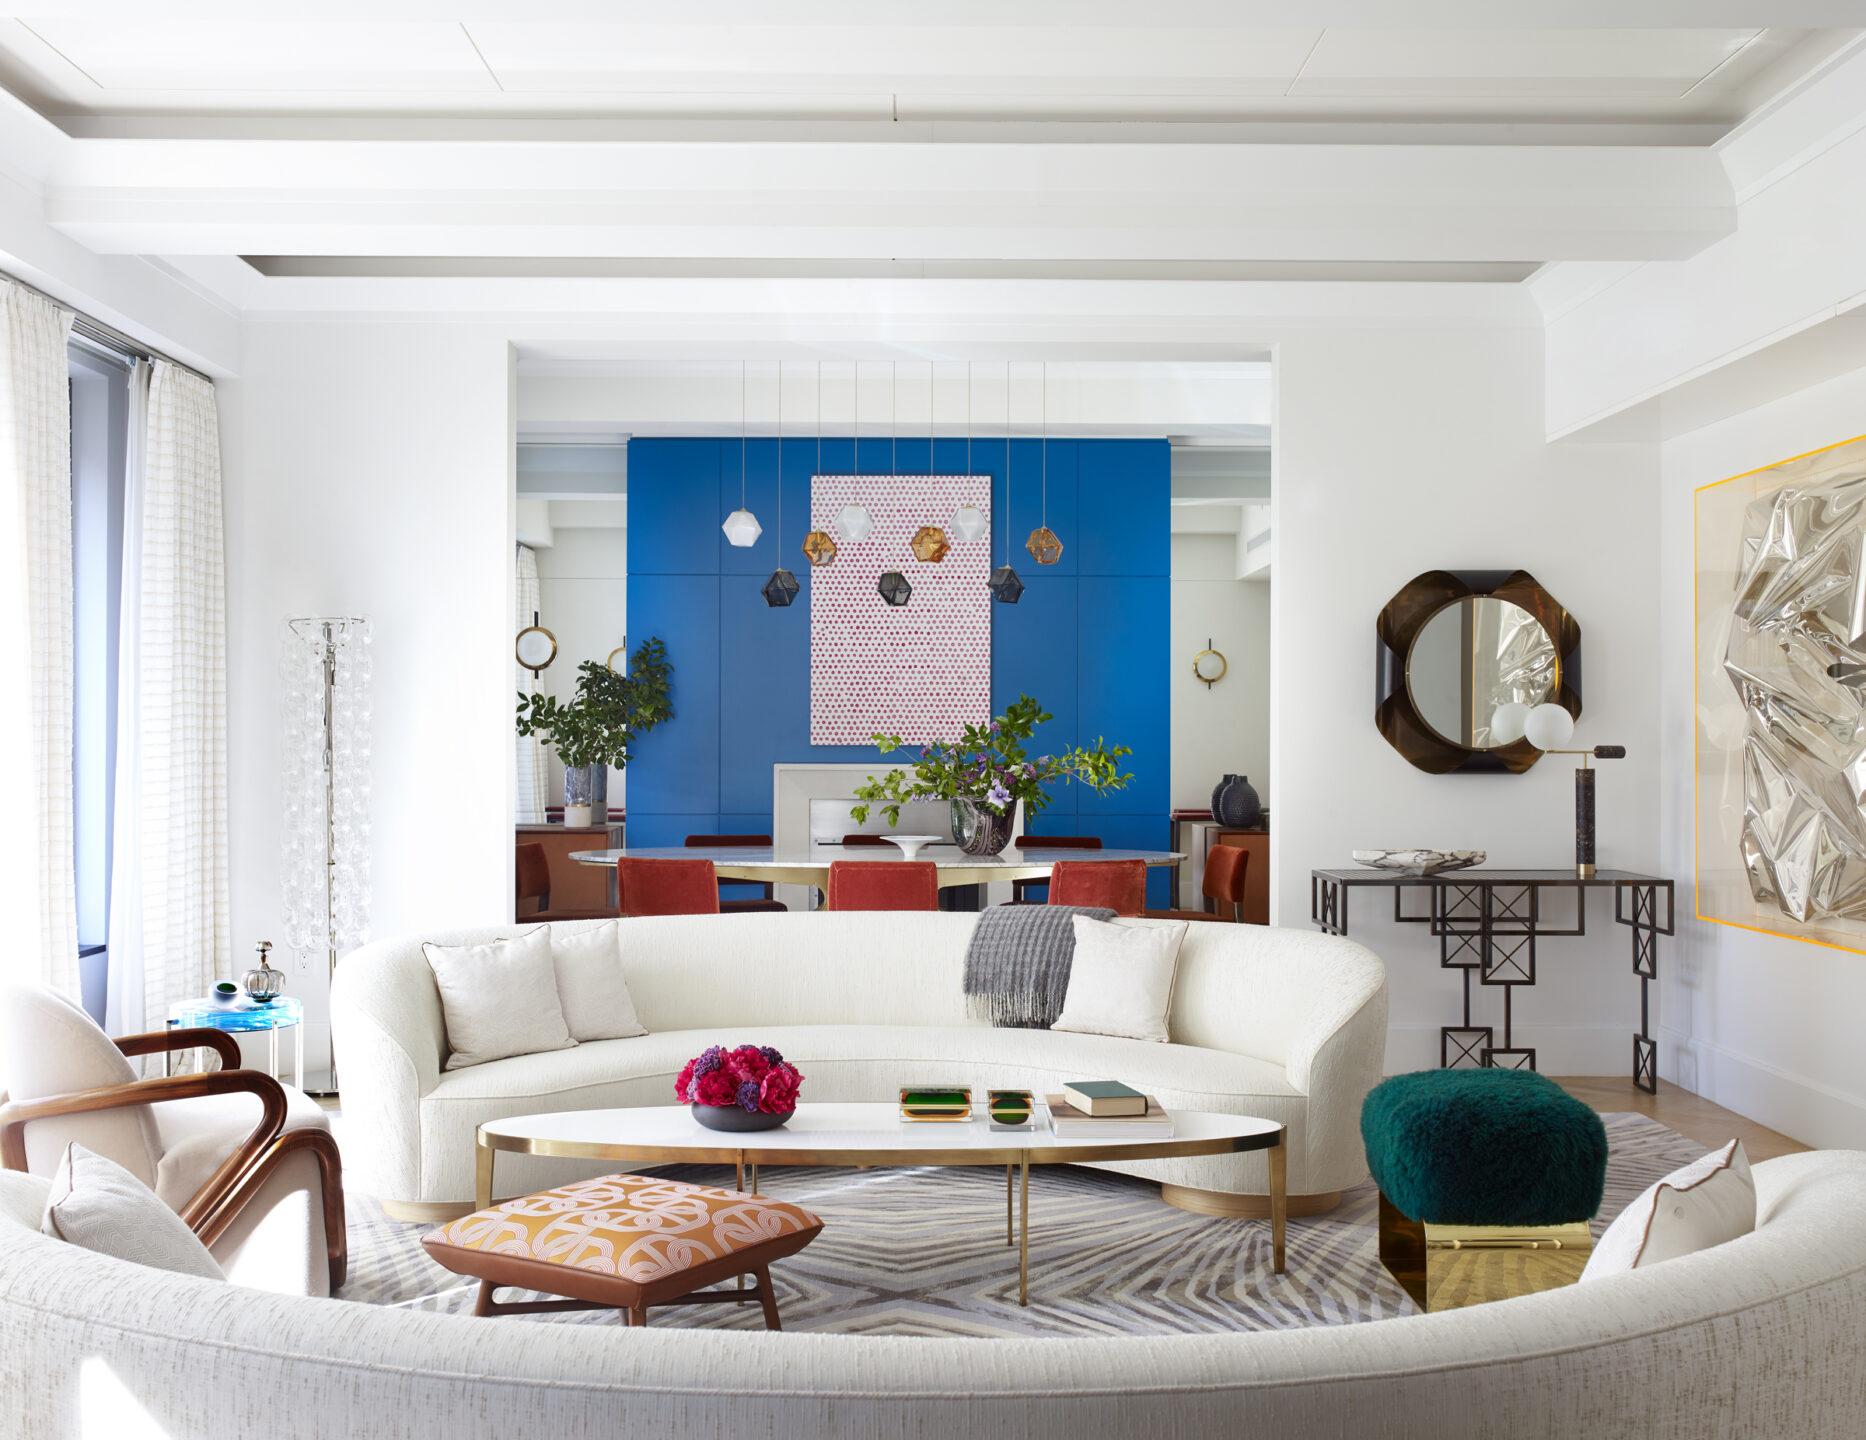 Nicole-fuller-interior-design-blue-white-room